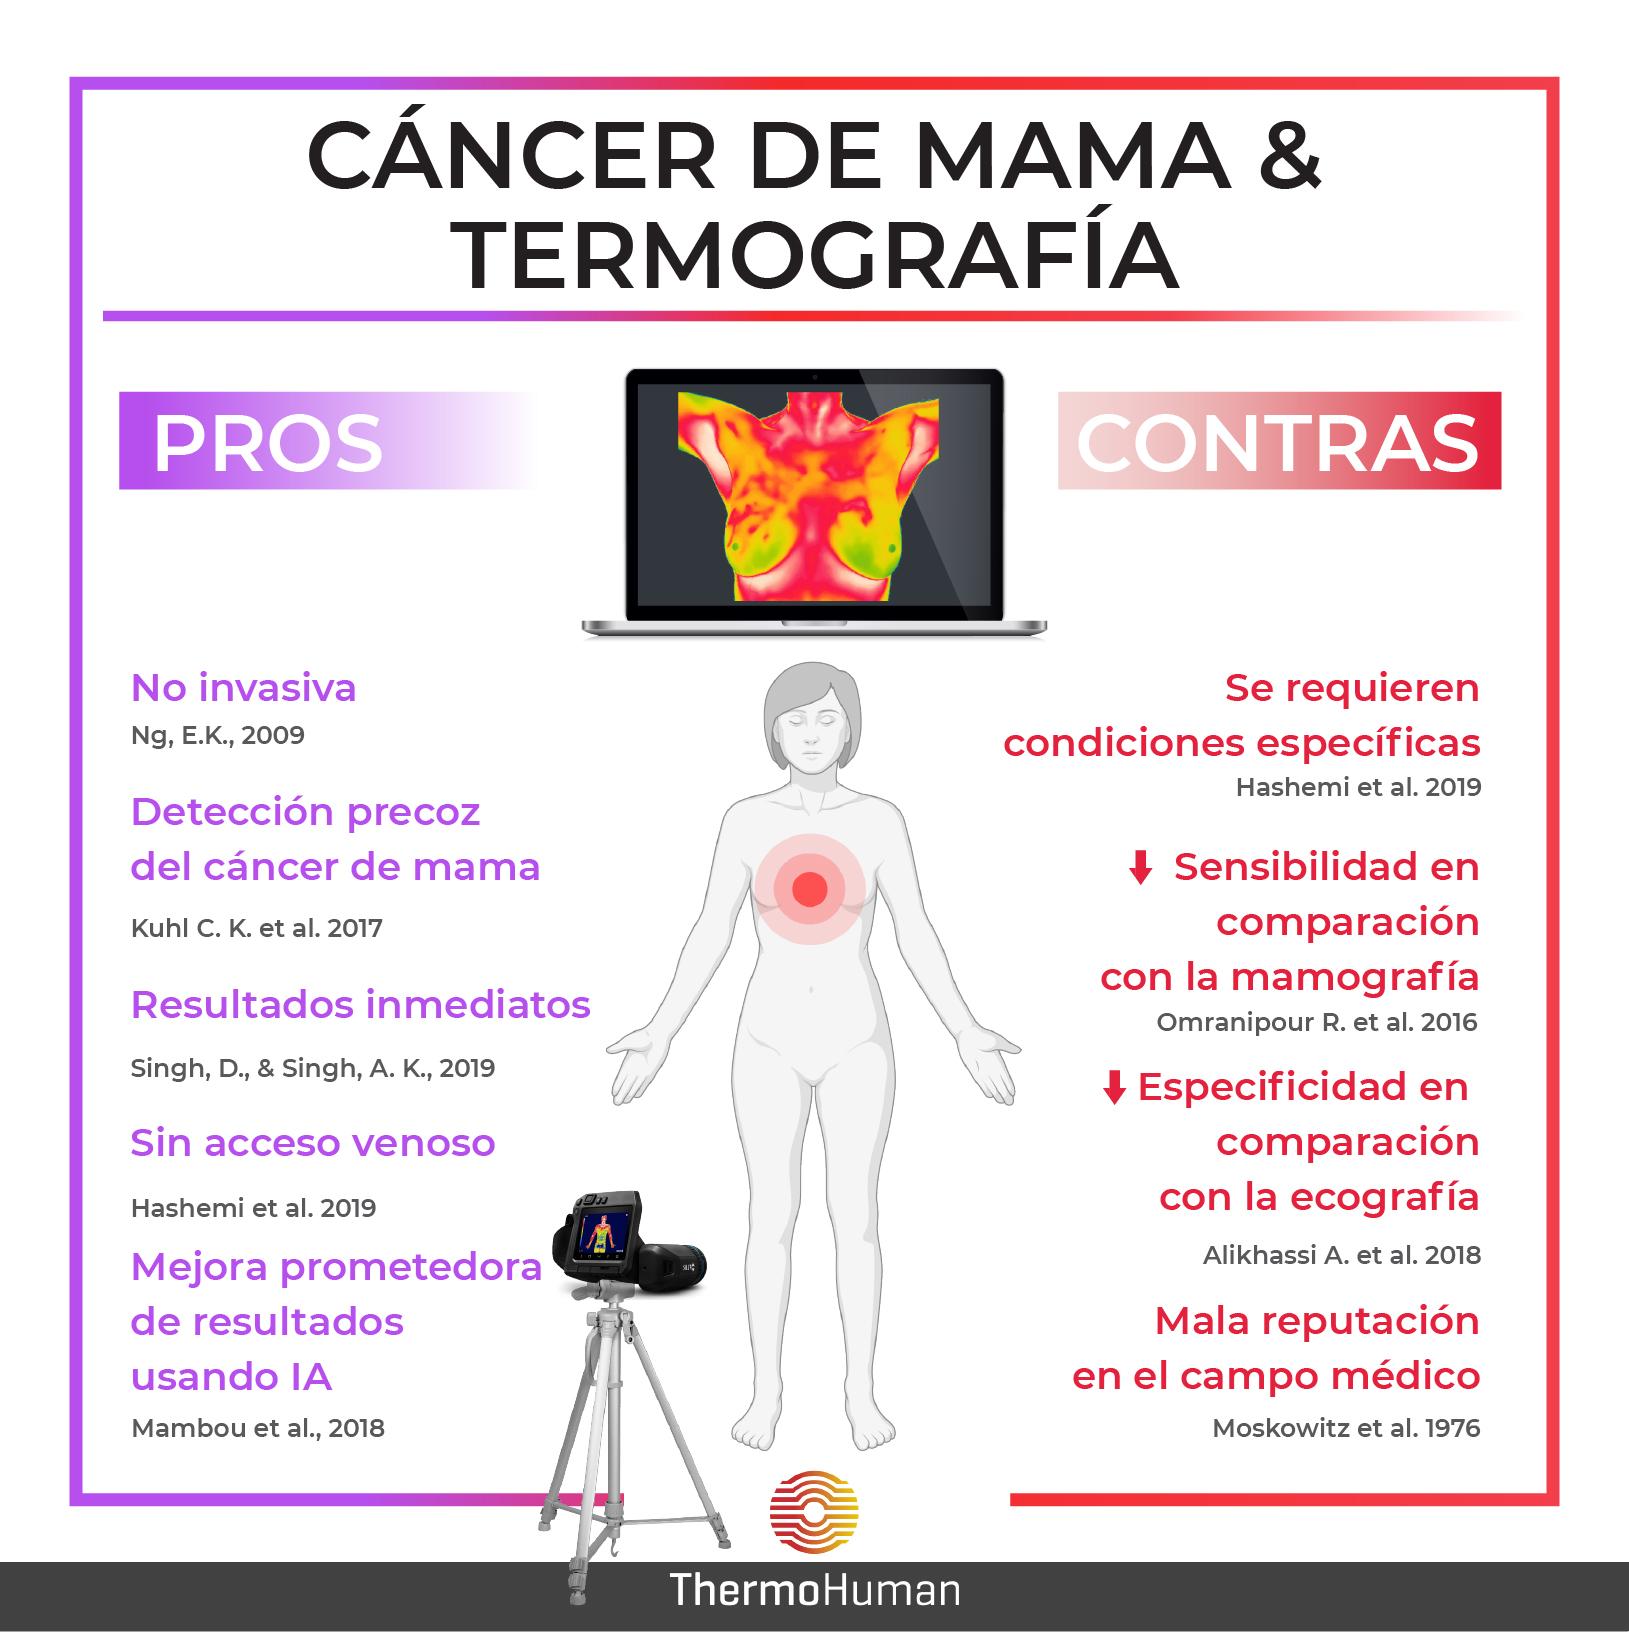 Termografía y cáncer de mama: pros y contras